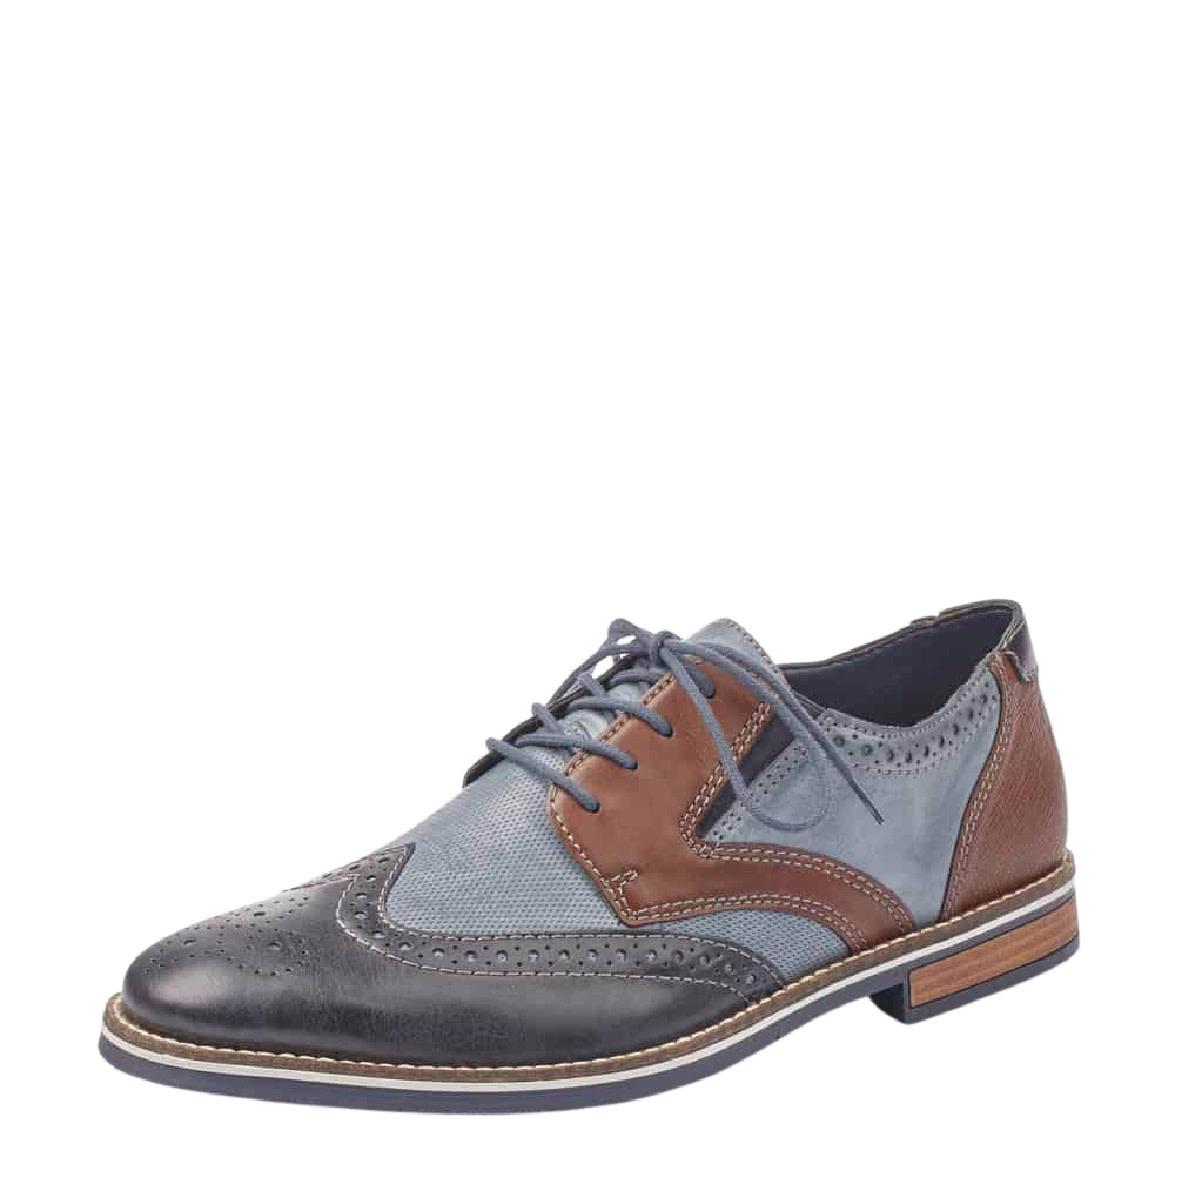 Rieker Rieker 13520-15 Dress Shoe Brown